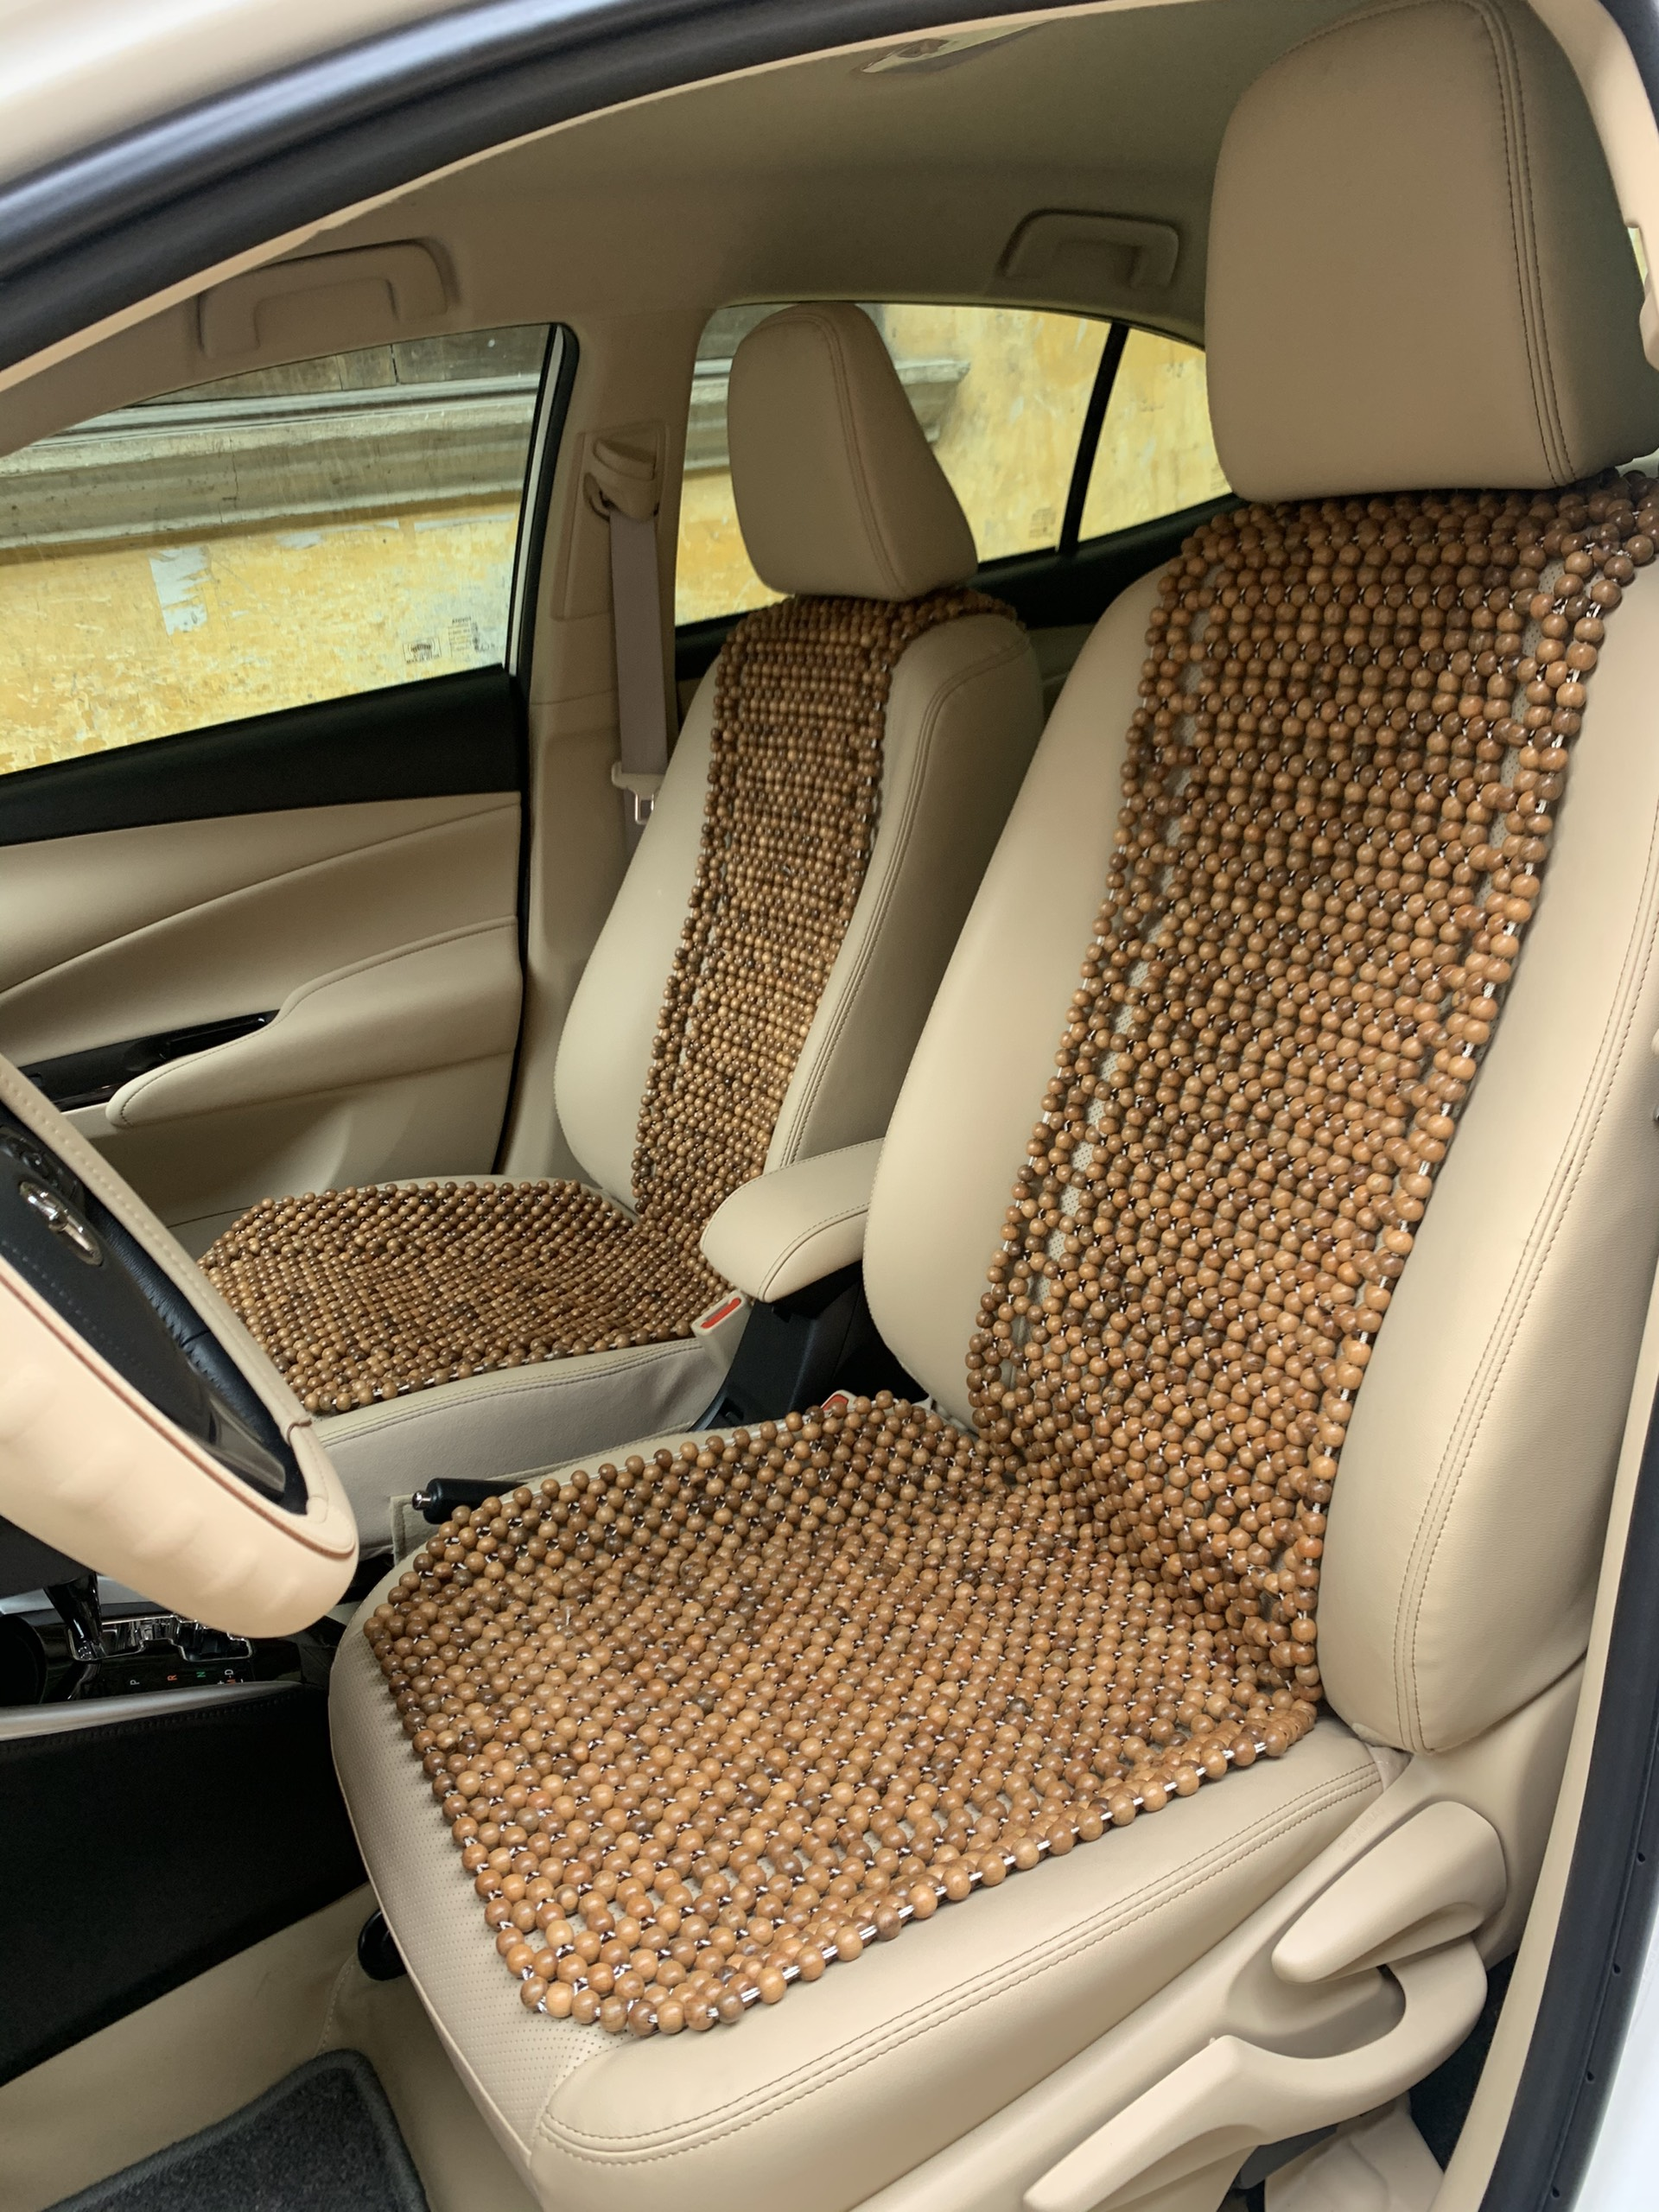 Lót ghế ô tô hạt gỗ Hương cao cấp loại cài dưới gối đầu ( Hình thật ) - Hạt gỗ ghế ô tô - Nệm hạt gỗ